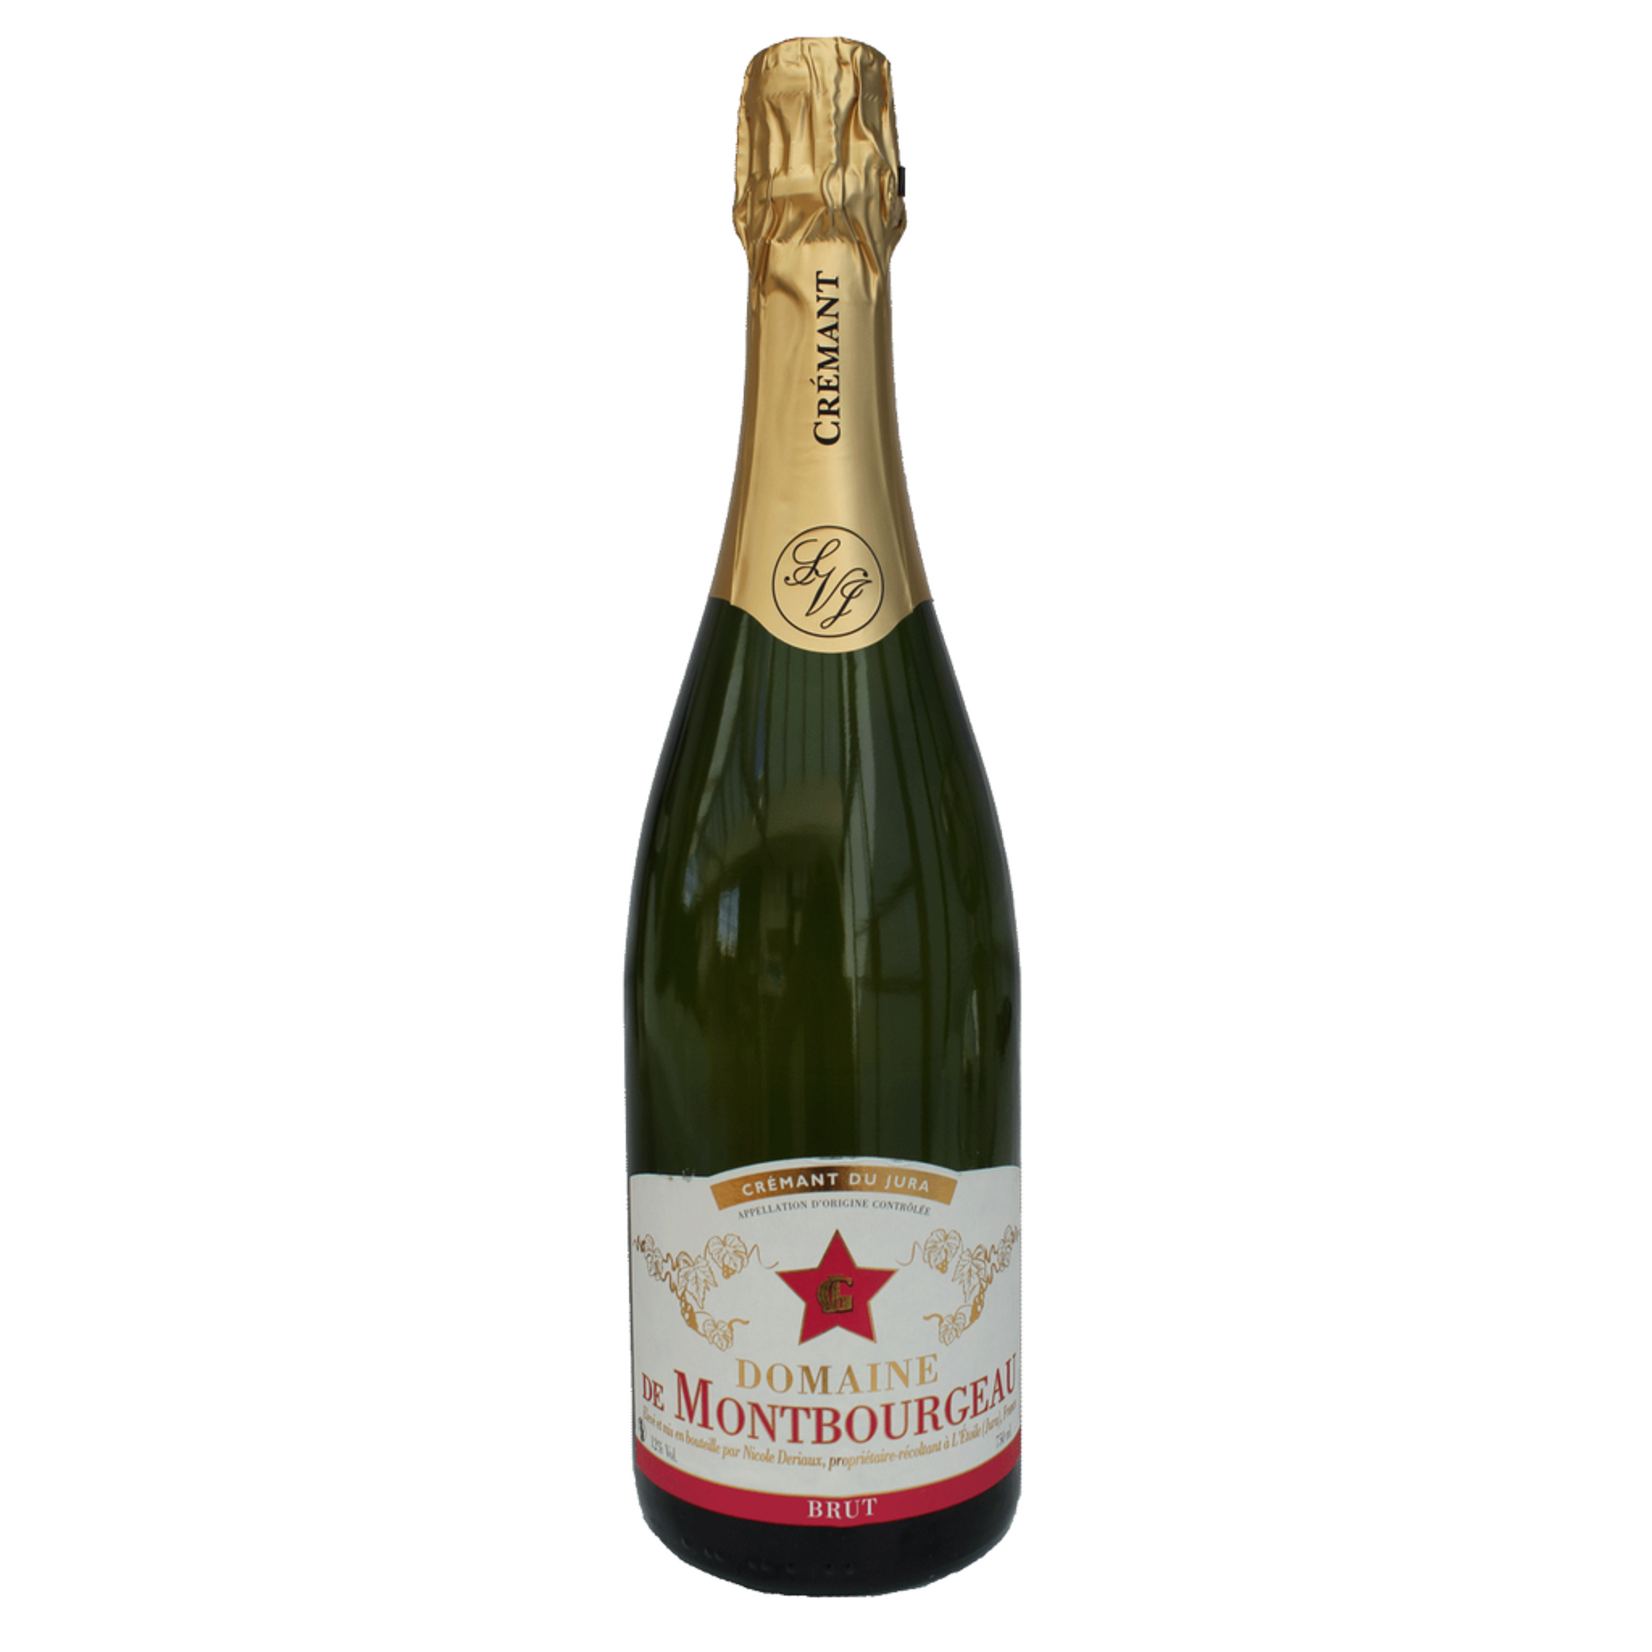 Wine Domaine de Montbourgeau Cremant du Jura 'L'Etoile' NV